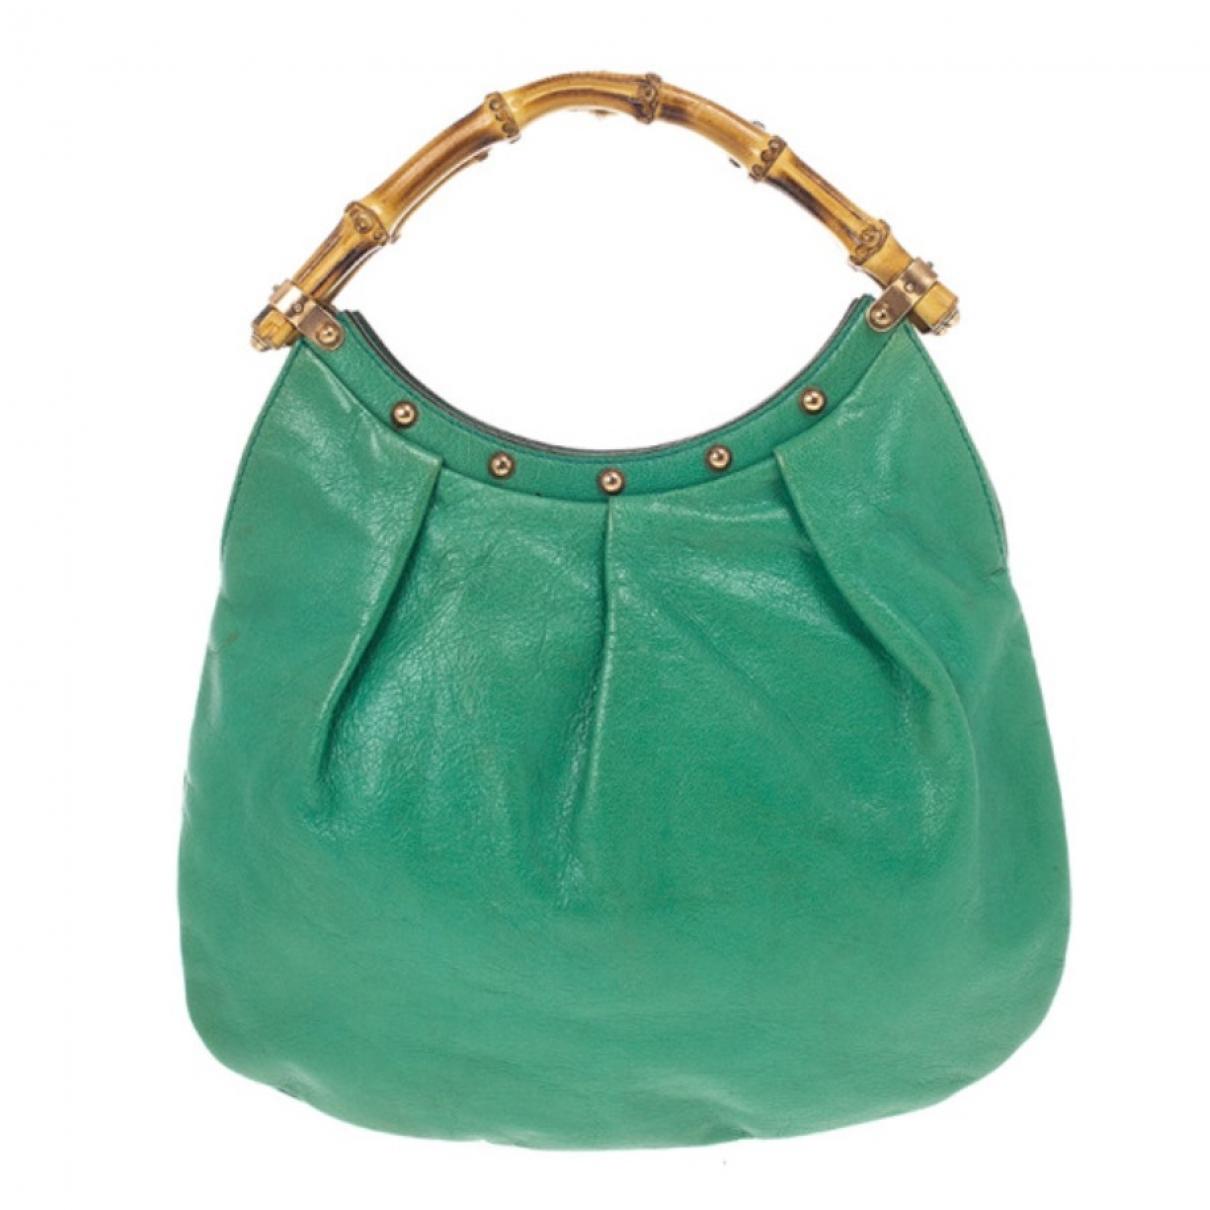 Gucci Bamboo Handtasche in  Gruen Leder